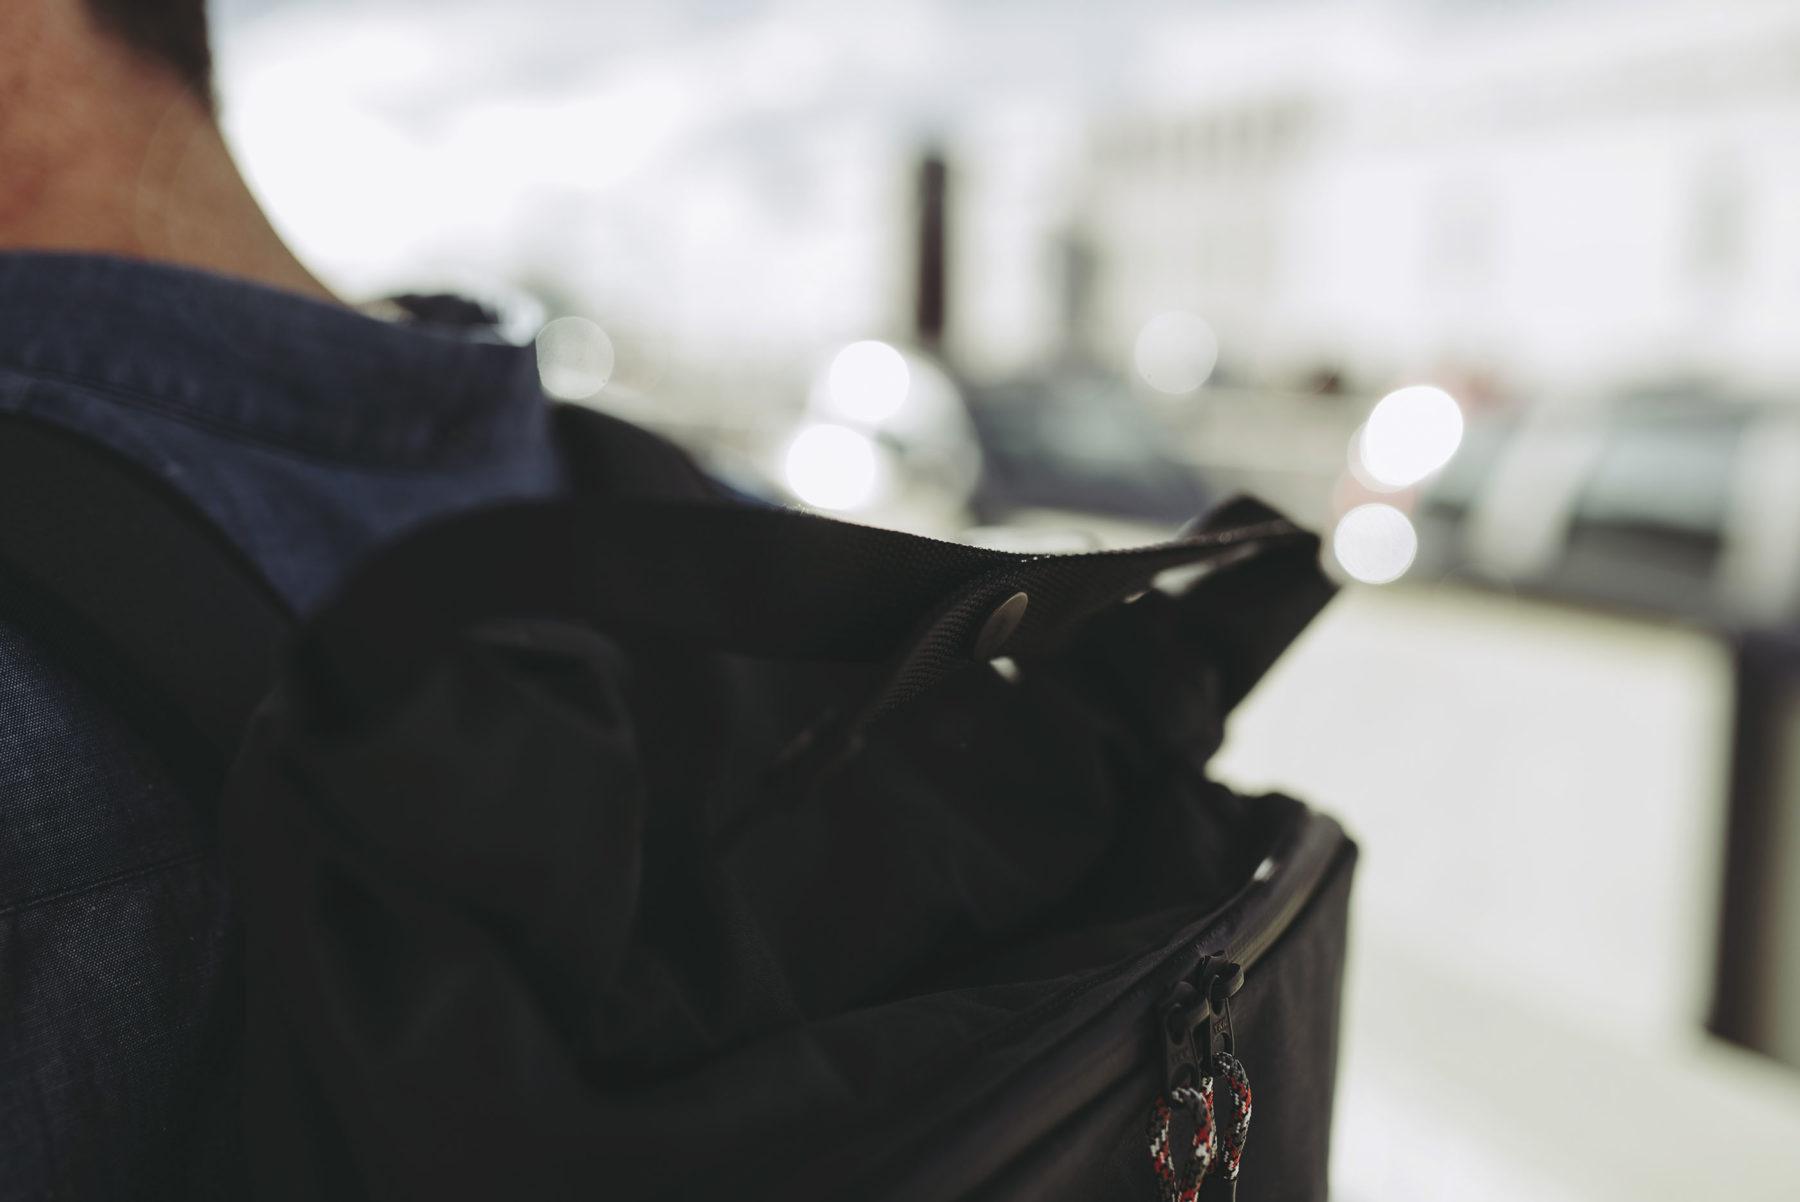 The RUCKSACK | Backpack von JECKYBENG / Moritz Lorenz | Nürnberg | Steglitz | Z² – Zahn und Zieger unterwegs | Foto: René Zieger | GROSS∆RTIG